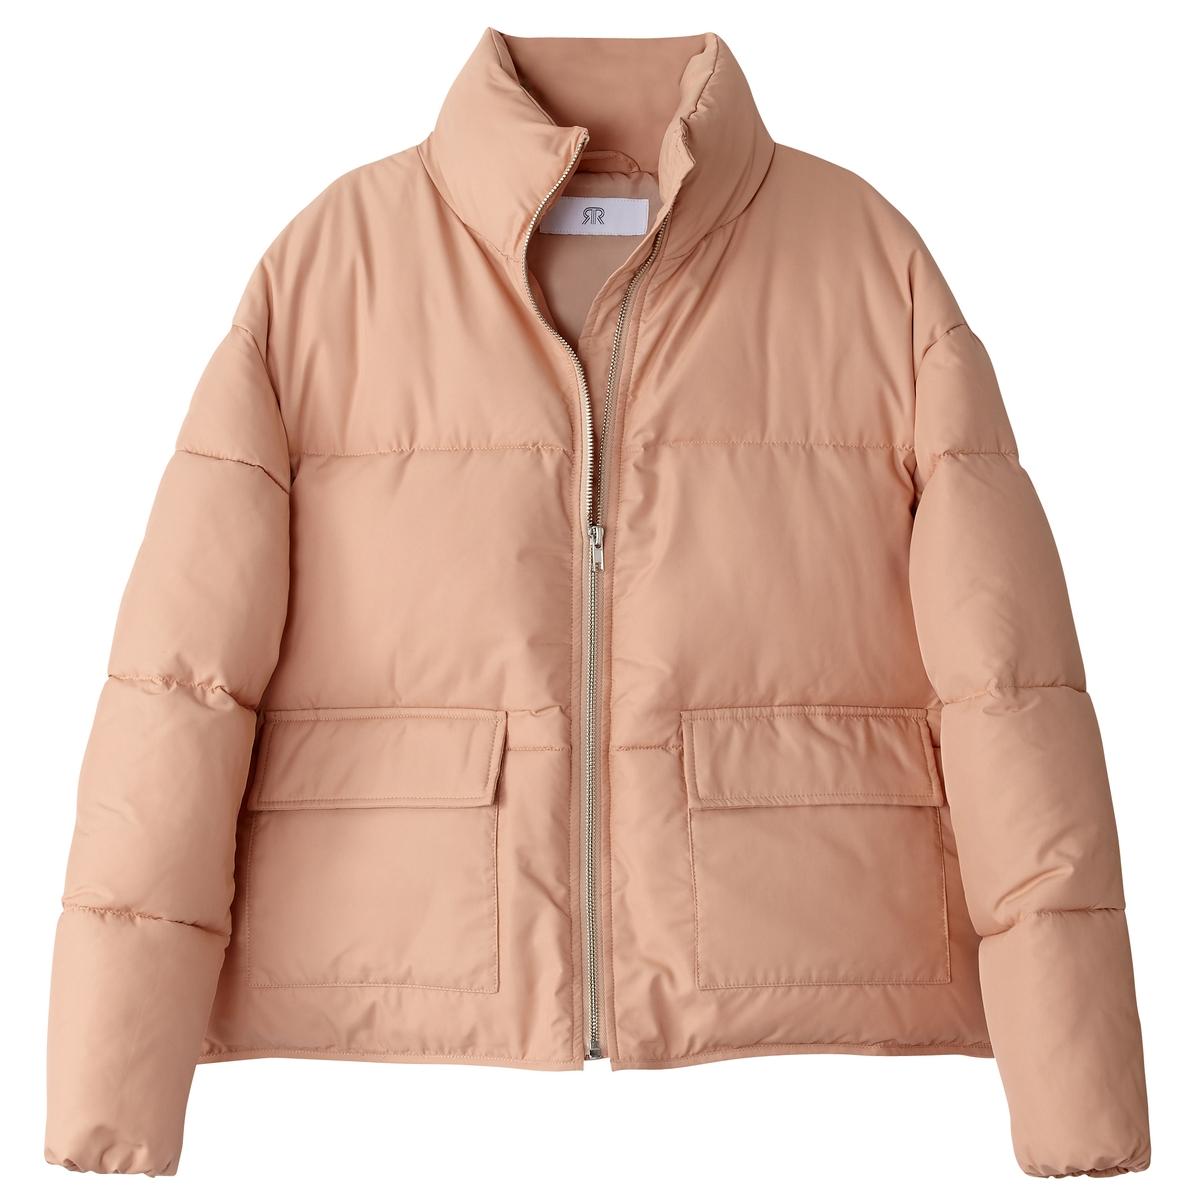 Куртка стеганая оверсайзДетали •  Длина  : укороченная   •  Воротник-стойка •  Застежка на молниюСостав и уход •  100% полиэстер •  Температура стирки при 30° на деликатном режиме   •  Сухая чистка и отбеливание запрещены •  Не использовать барабанную сушку   •  Не гладить •  Длина  : 62 см<br><br>Цвет: белый,красный,черный<br>Размер: S.L.M.S.L.M.S.L